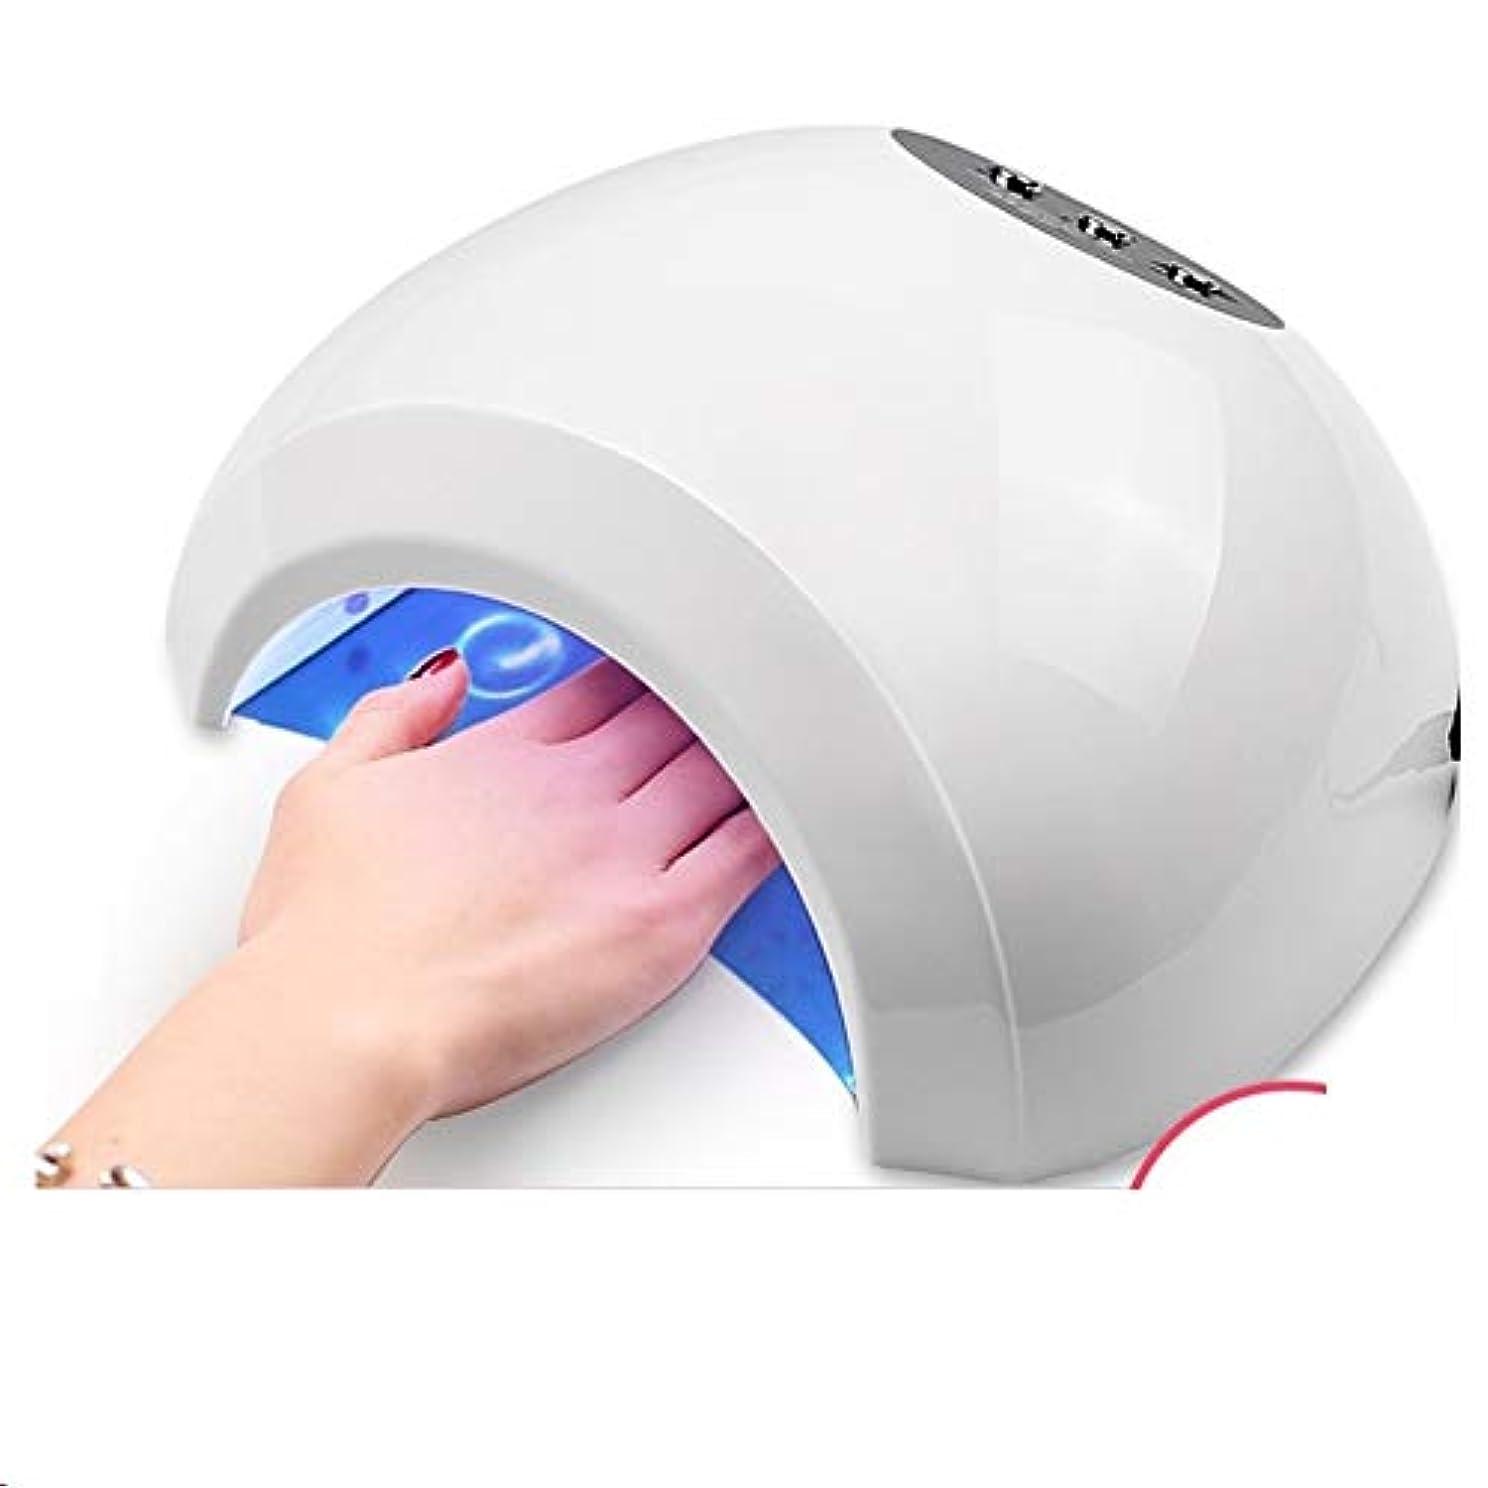 政治家支給マージンLittleCat ビススマートセンサ48Wライト光線療法マシンヒートランプLEDライトセラピーネイルドライヤー (色 : 110V US regulations)